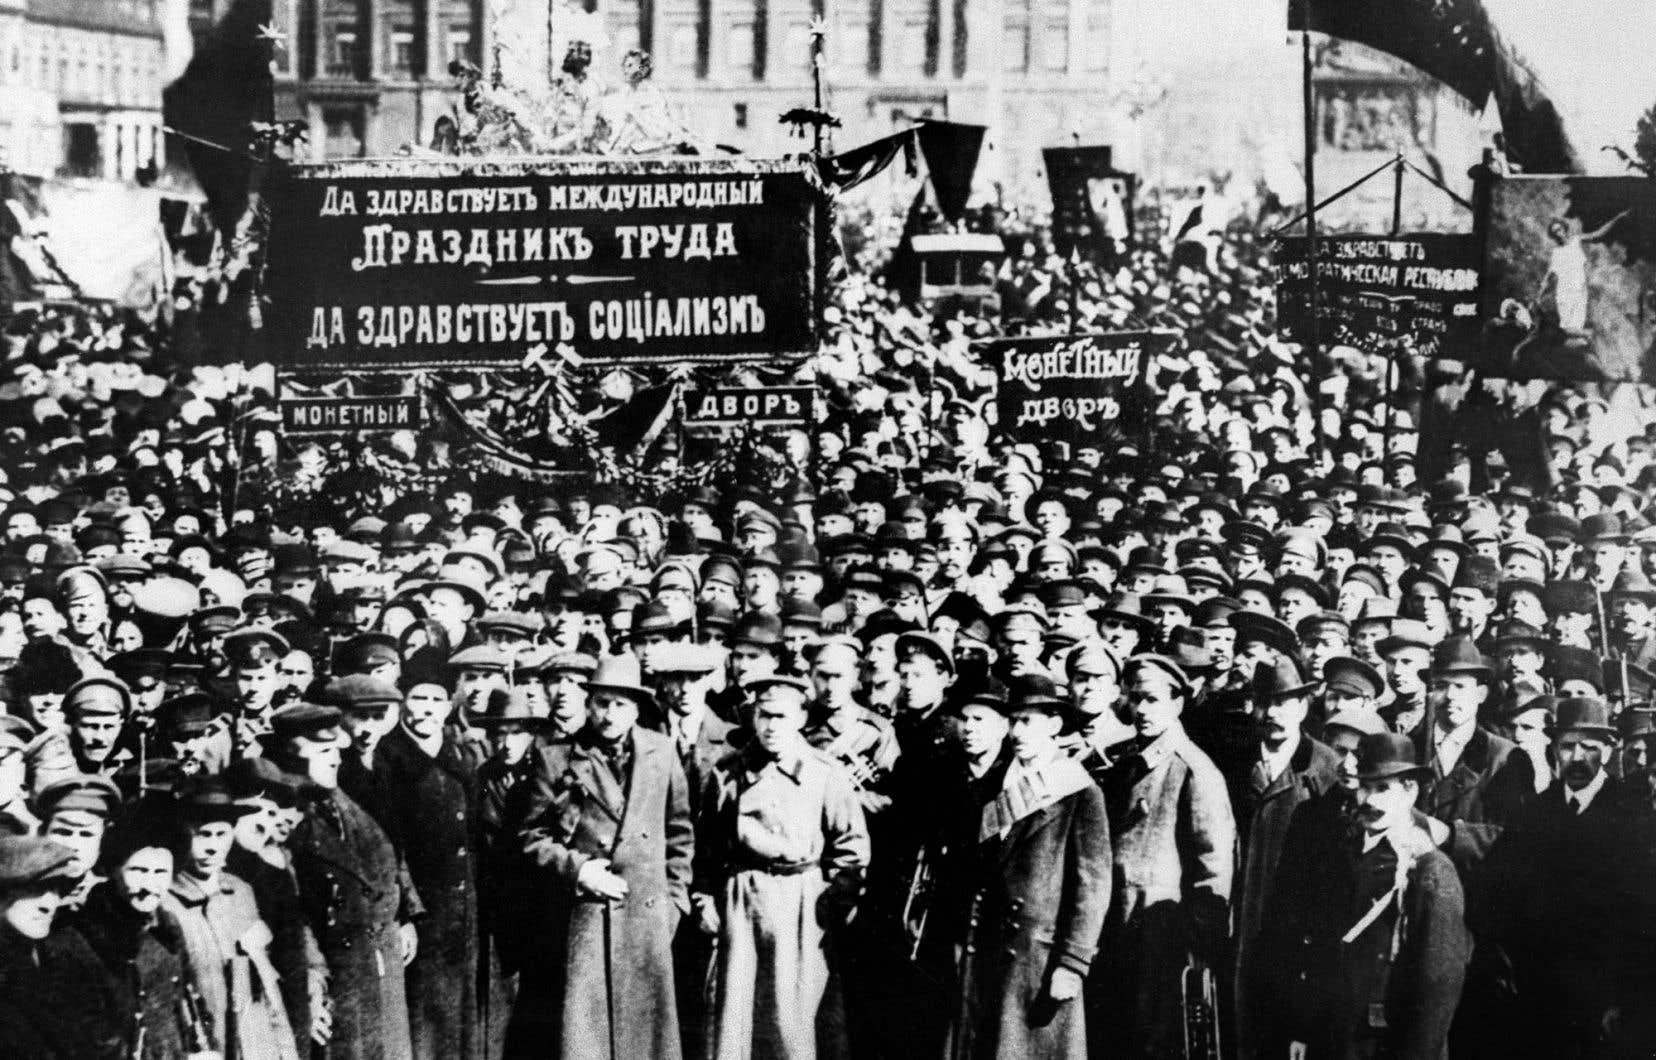 Une manifestation à Moscou en mars 1917. Cette année-là, grèves et émeutes surviennent en Russie alors que des mutineries sont enregistrées dans l'armée.